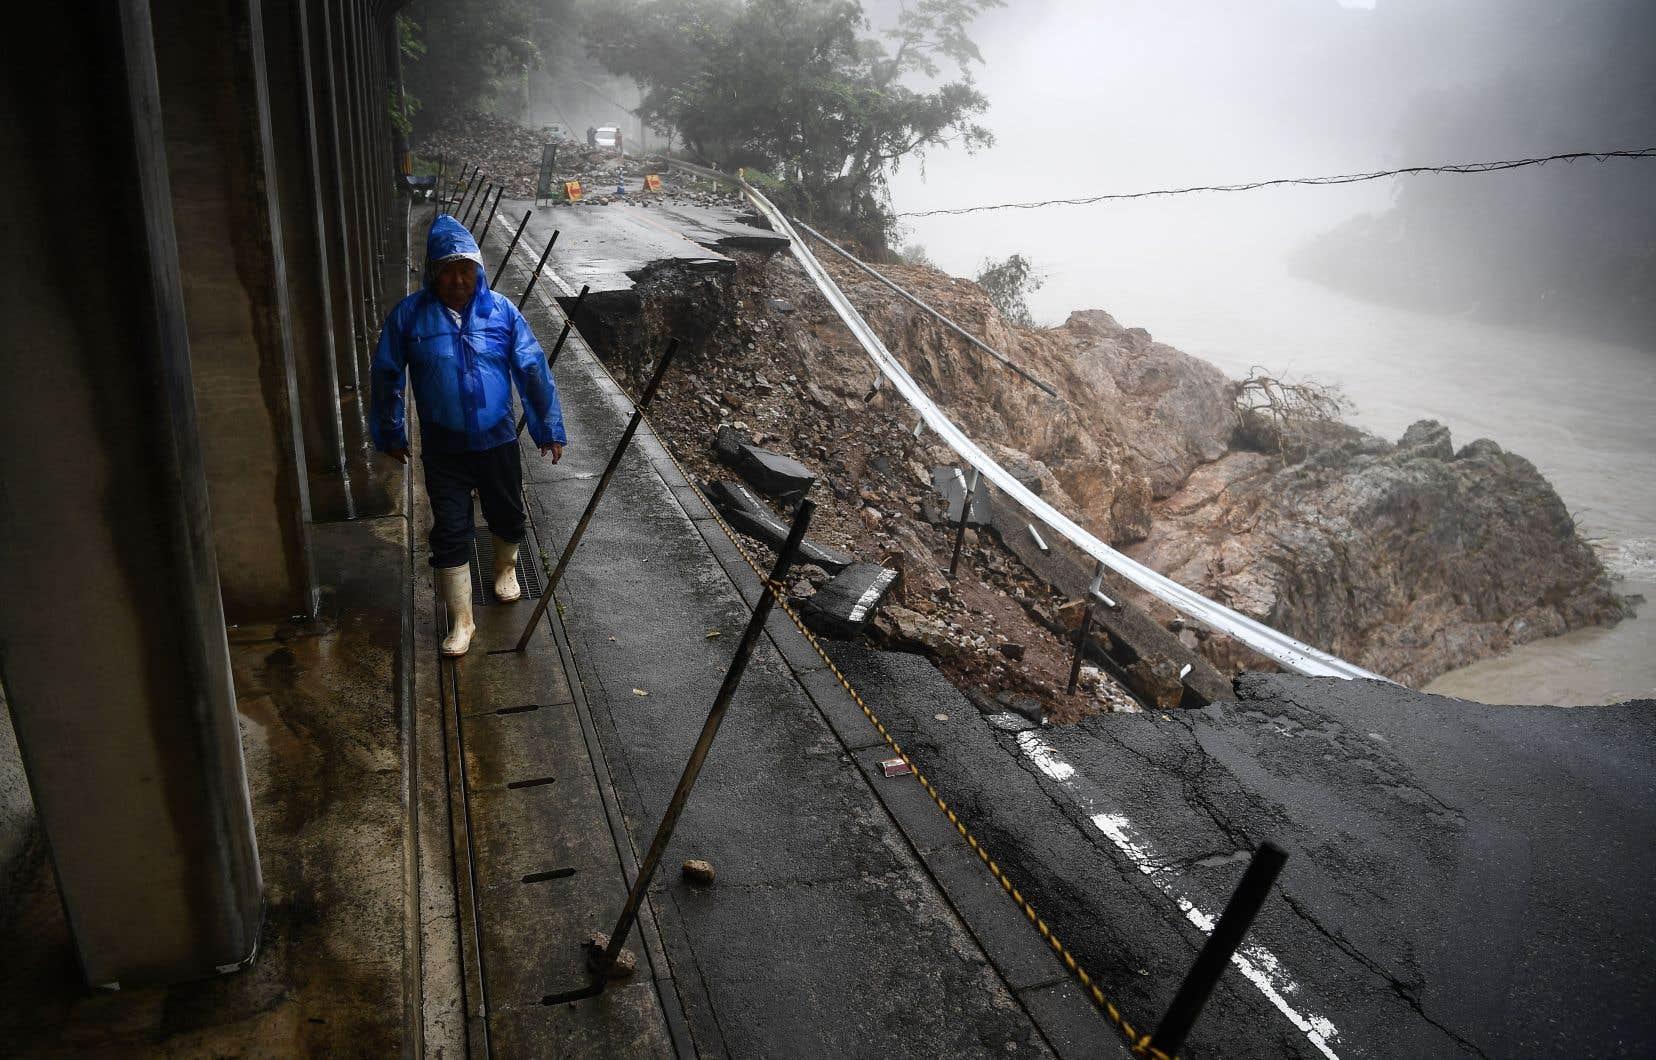 Des cours d'eau en furie ont balayé des ponts et rendu des routes impraticables à Kyushu, forçant les secouristes à intervenir à bord de canots ou par hélicoptère.